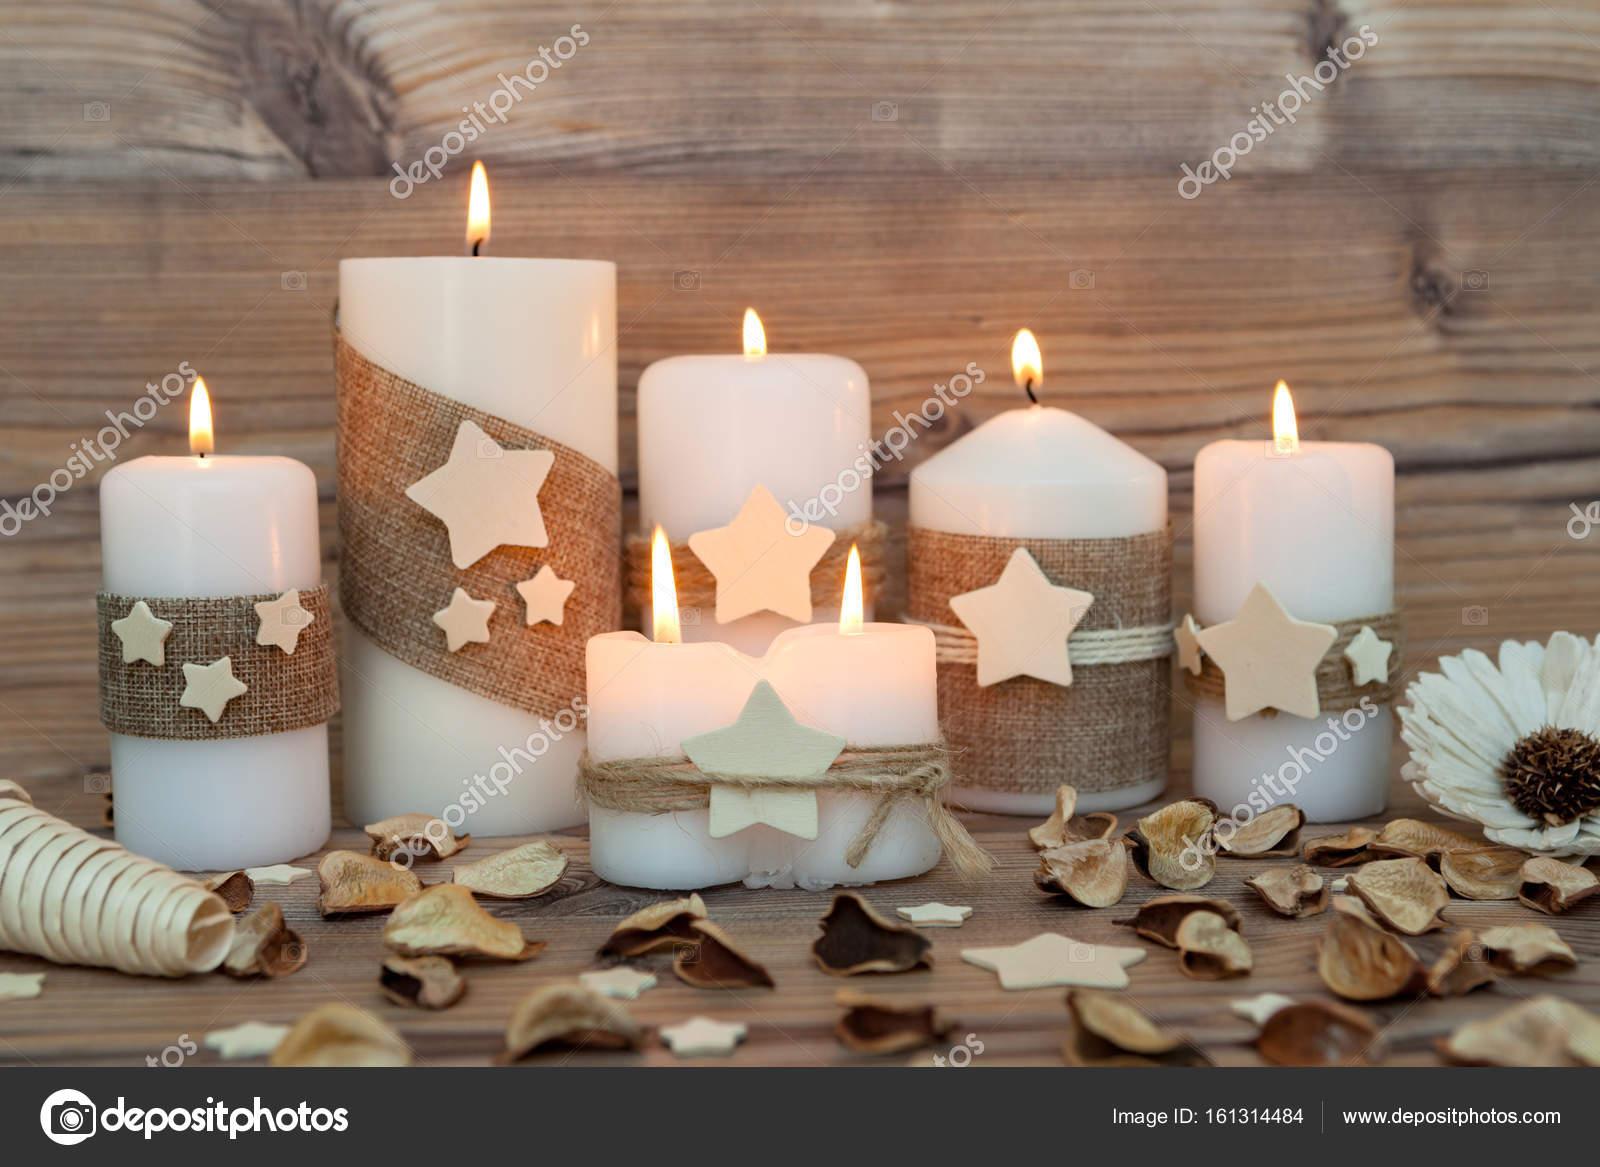 Decorare Candele Di Natale : Candele di natale come decorazione della casa u foto stock gelpi